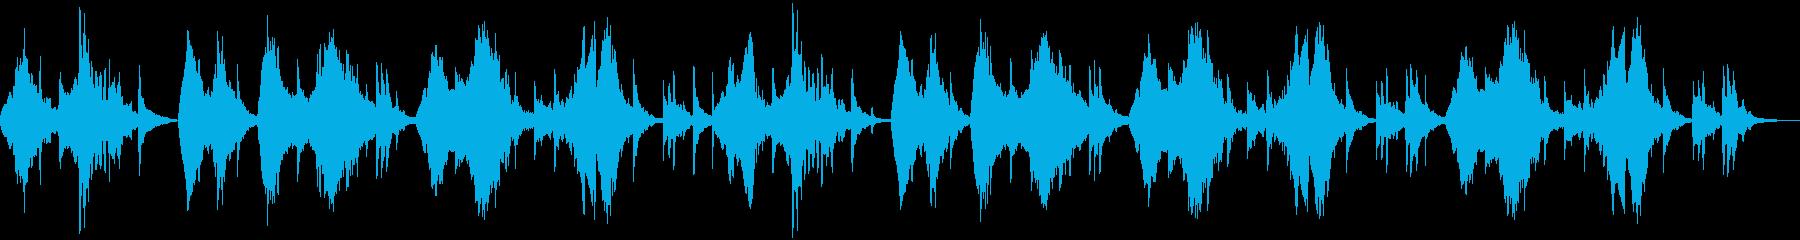 二胡と琵琶による古風な中国風のBGMですの再生済みの波形